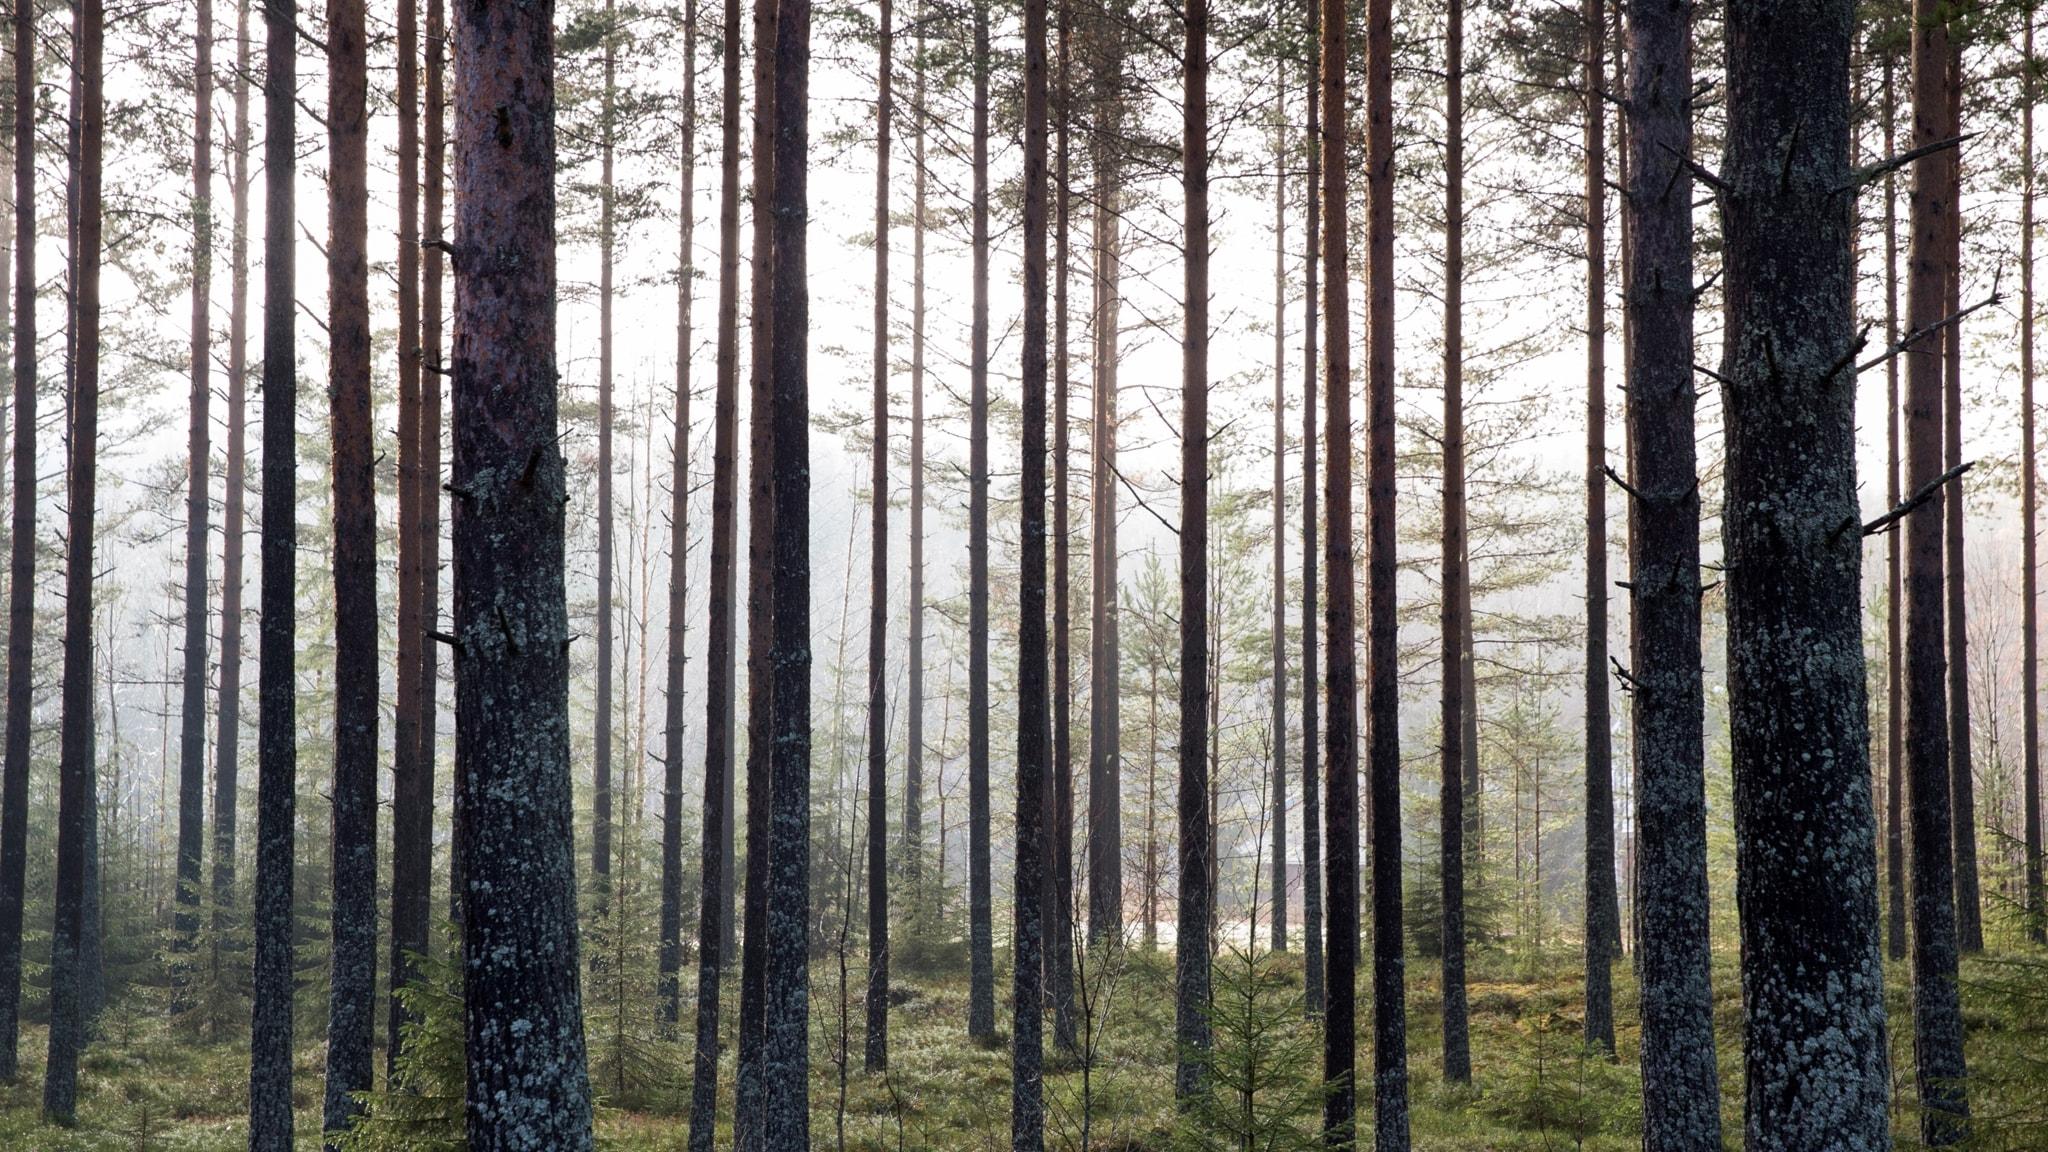 Skogsindustrin boomar: